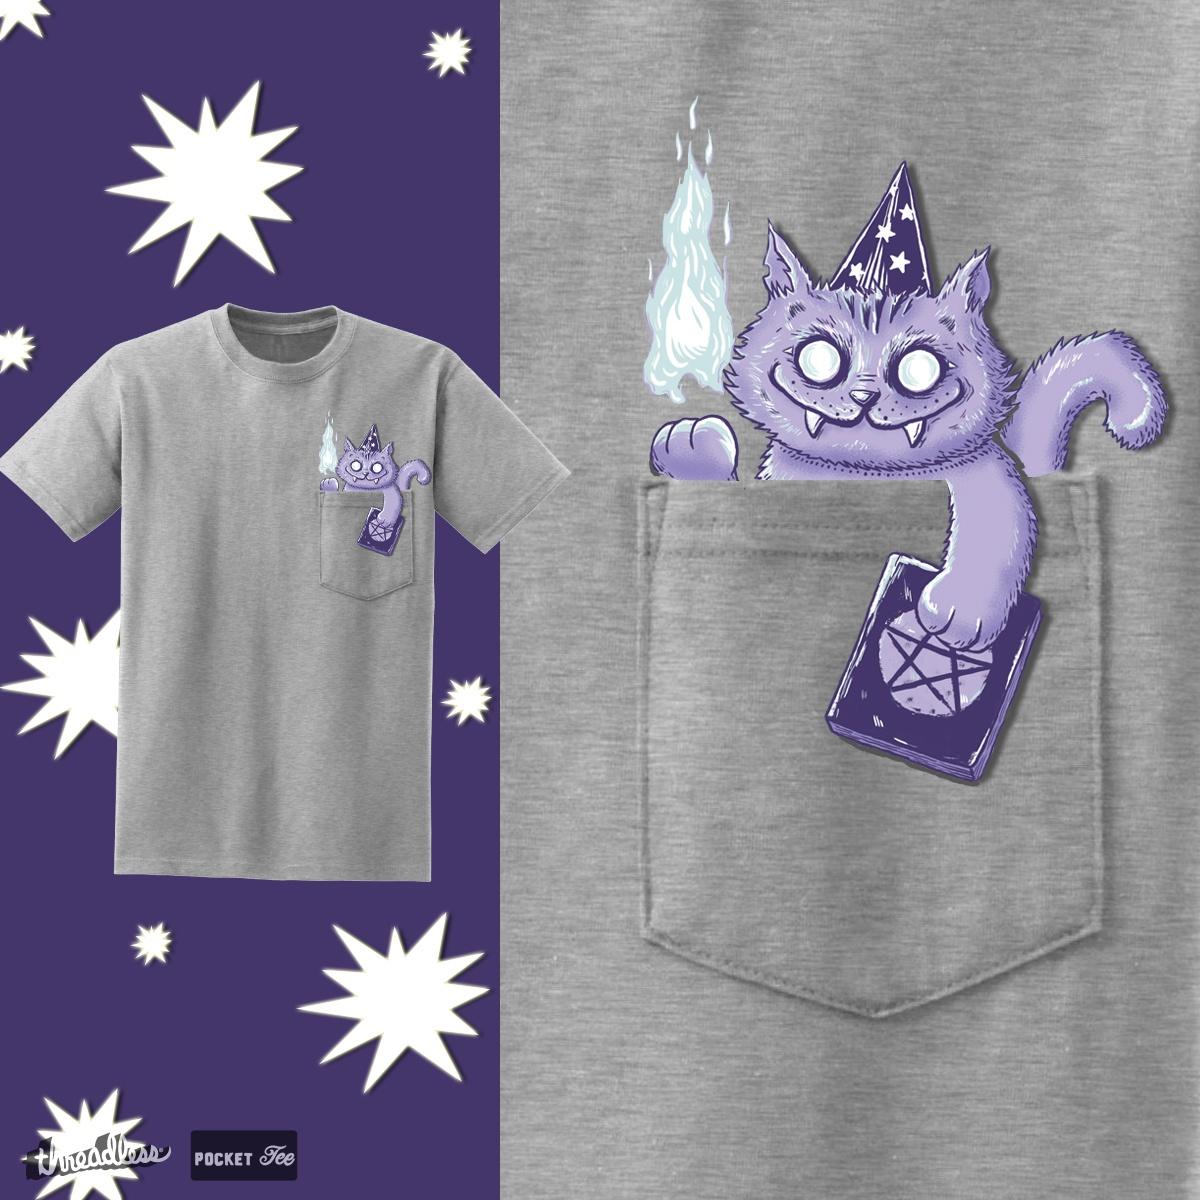 Wizard cat by pijaczaj on Threadless